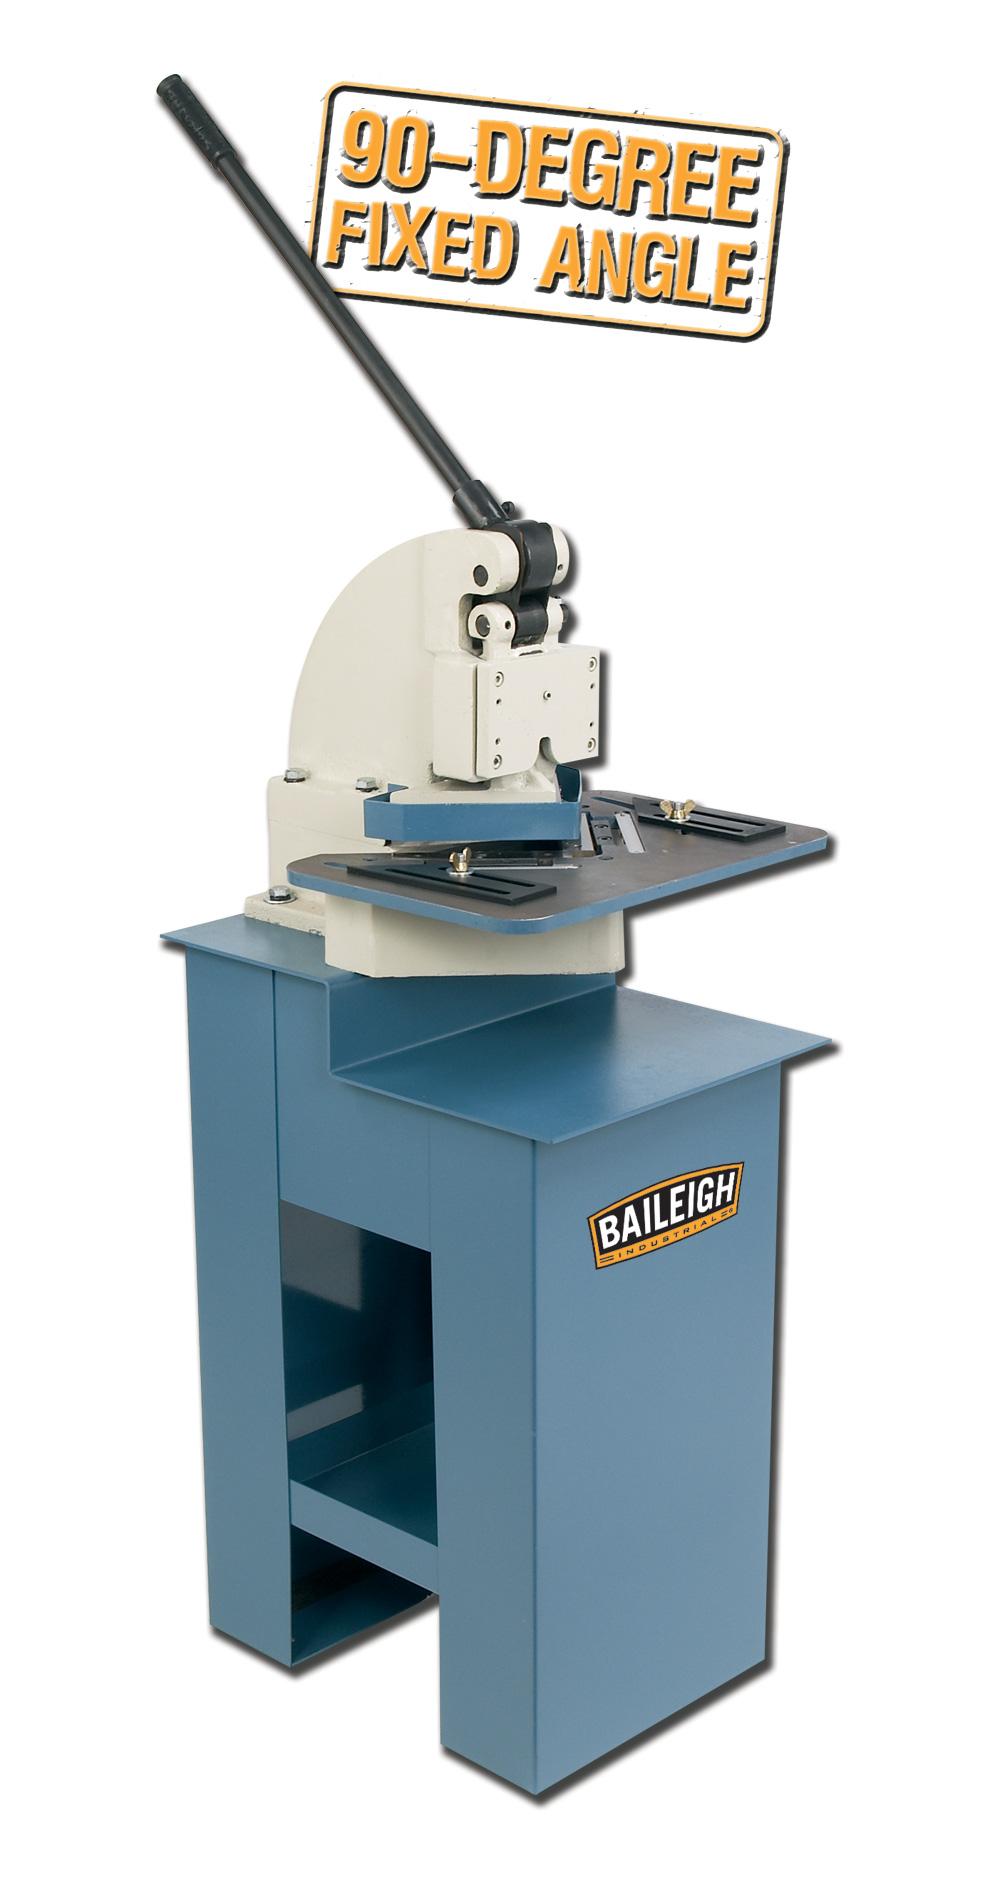 Baileigh Sn F16 Hn Sheet Metal Notcher